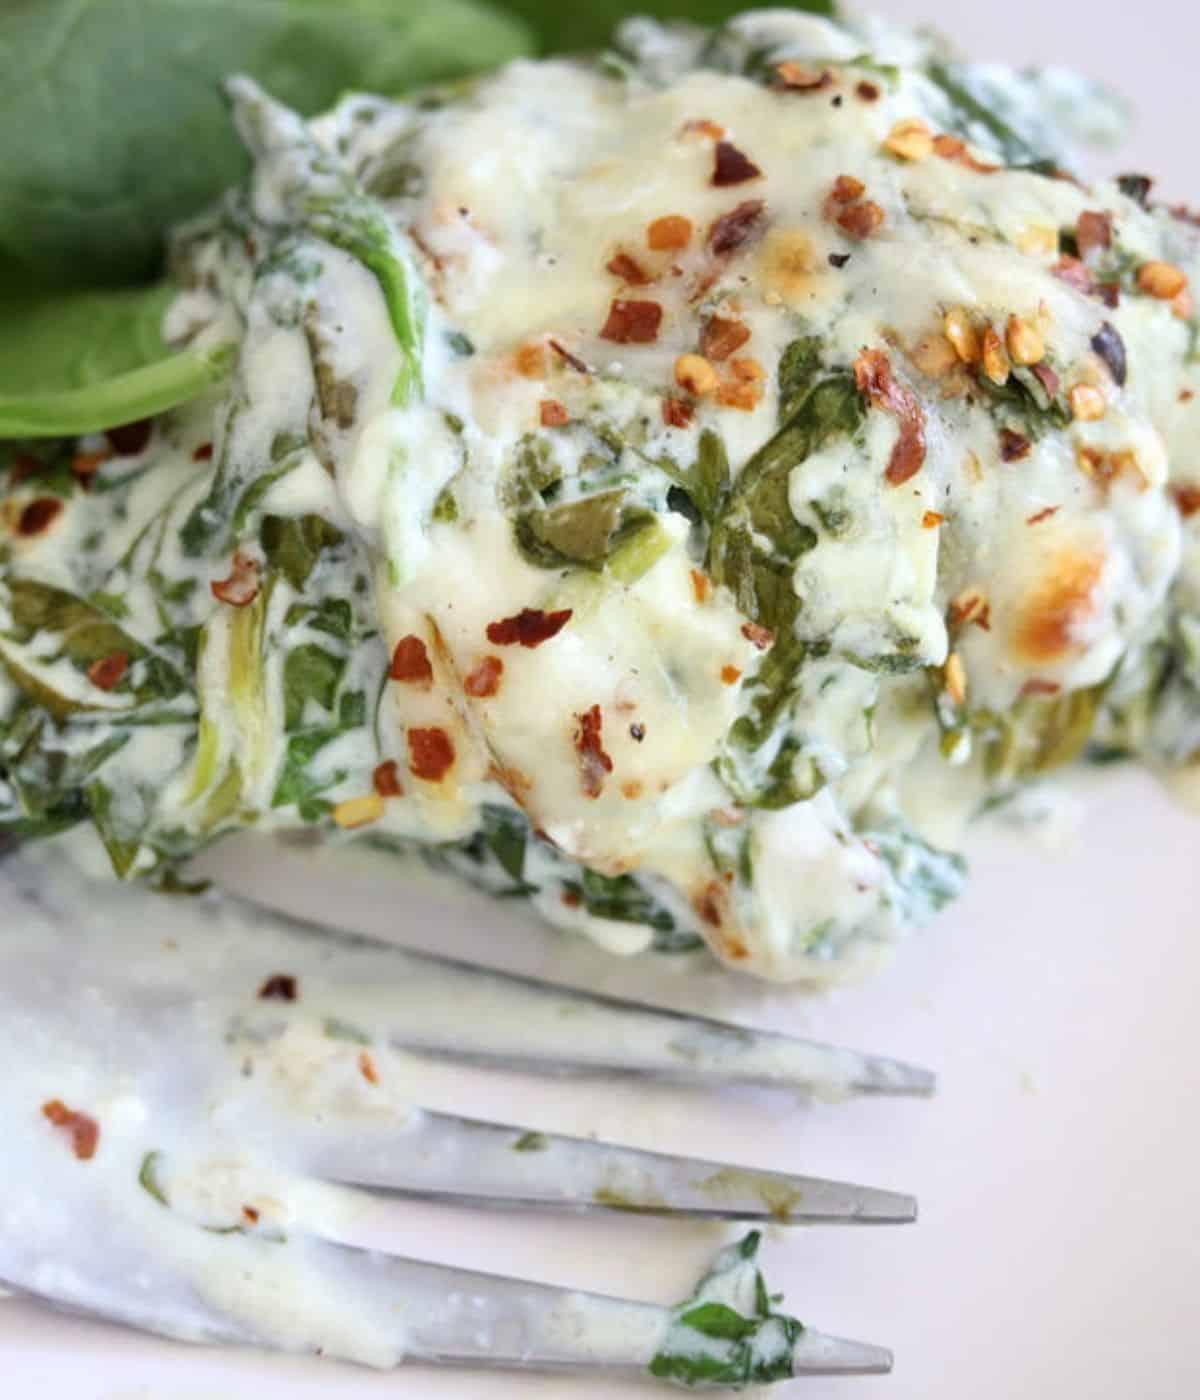 creamy chicken spinach dish